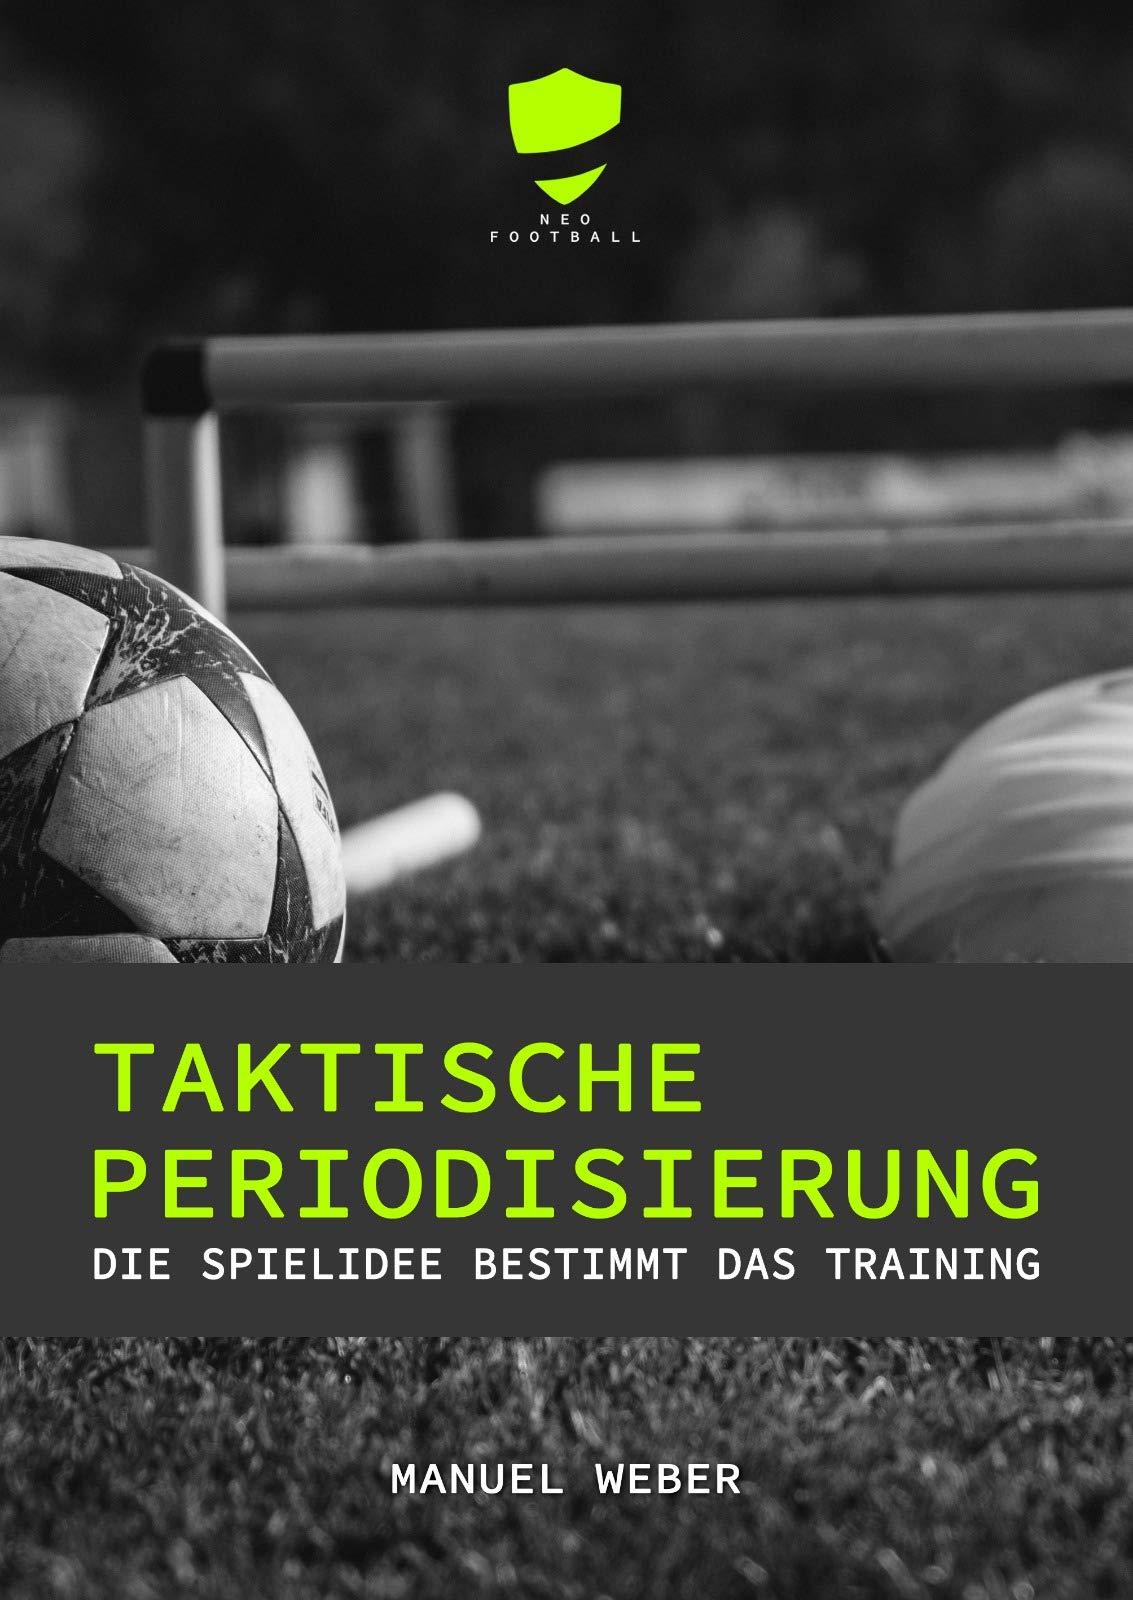 Taktische Periodisierung - Die Spielidee bestimmt das Training